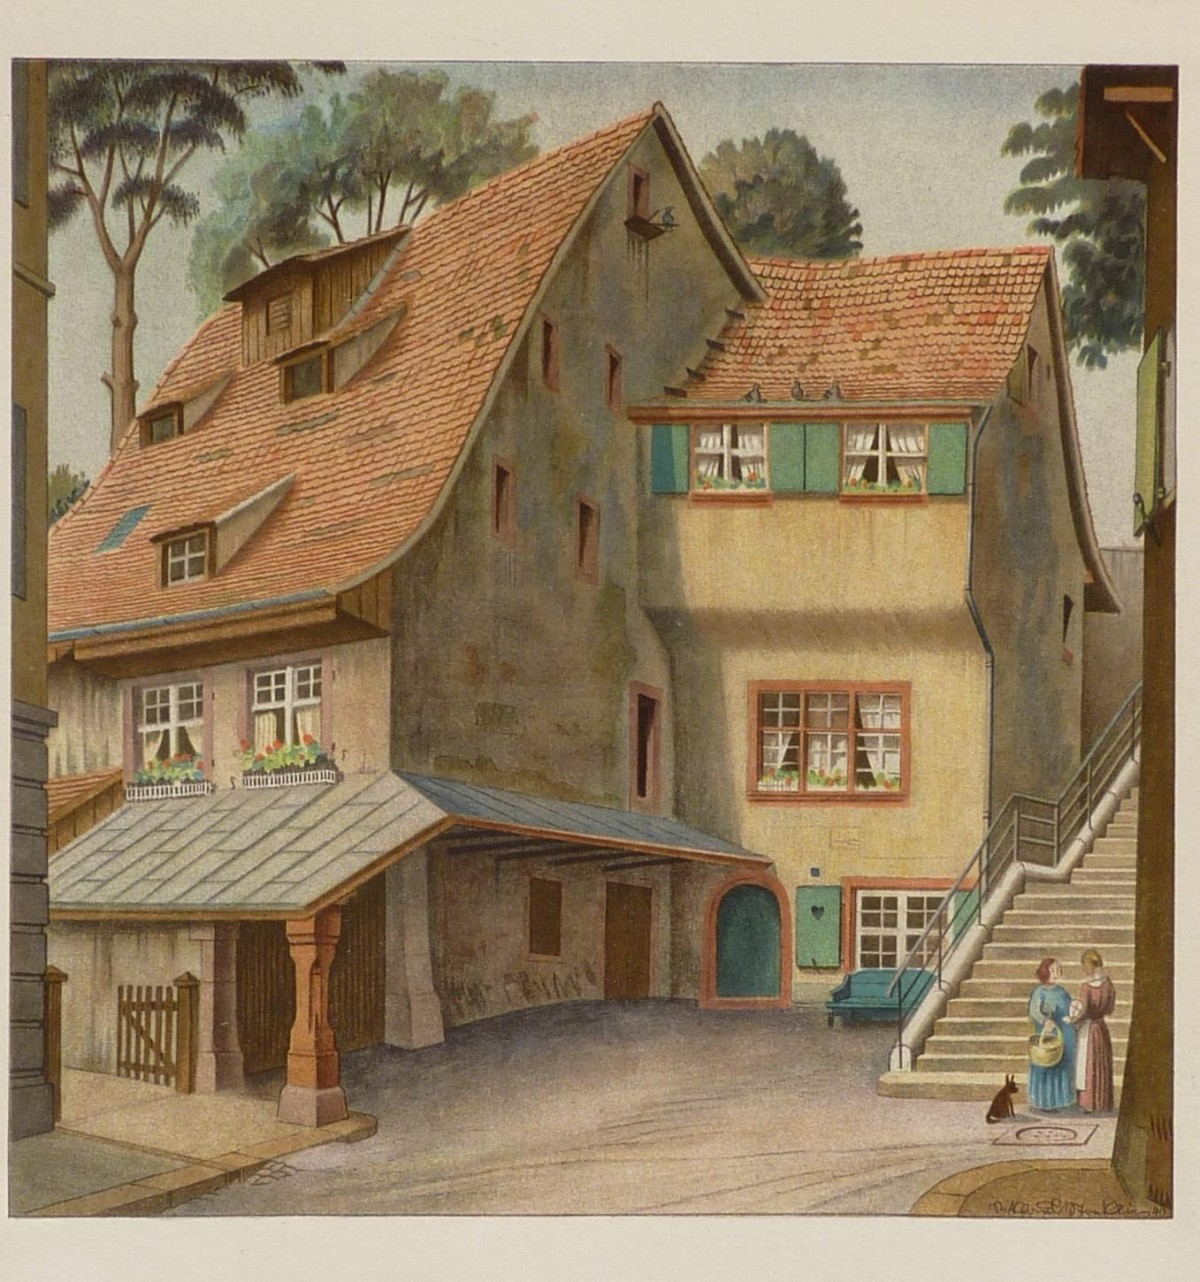 Niklaus Stoecklin - Ansicht aus Basler Altstadt Steinenmühle Steinenvorstadt kopen? Bied vanaf 75!